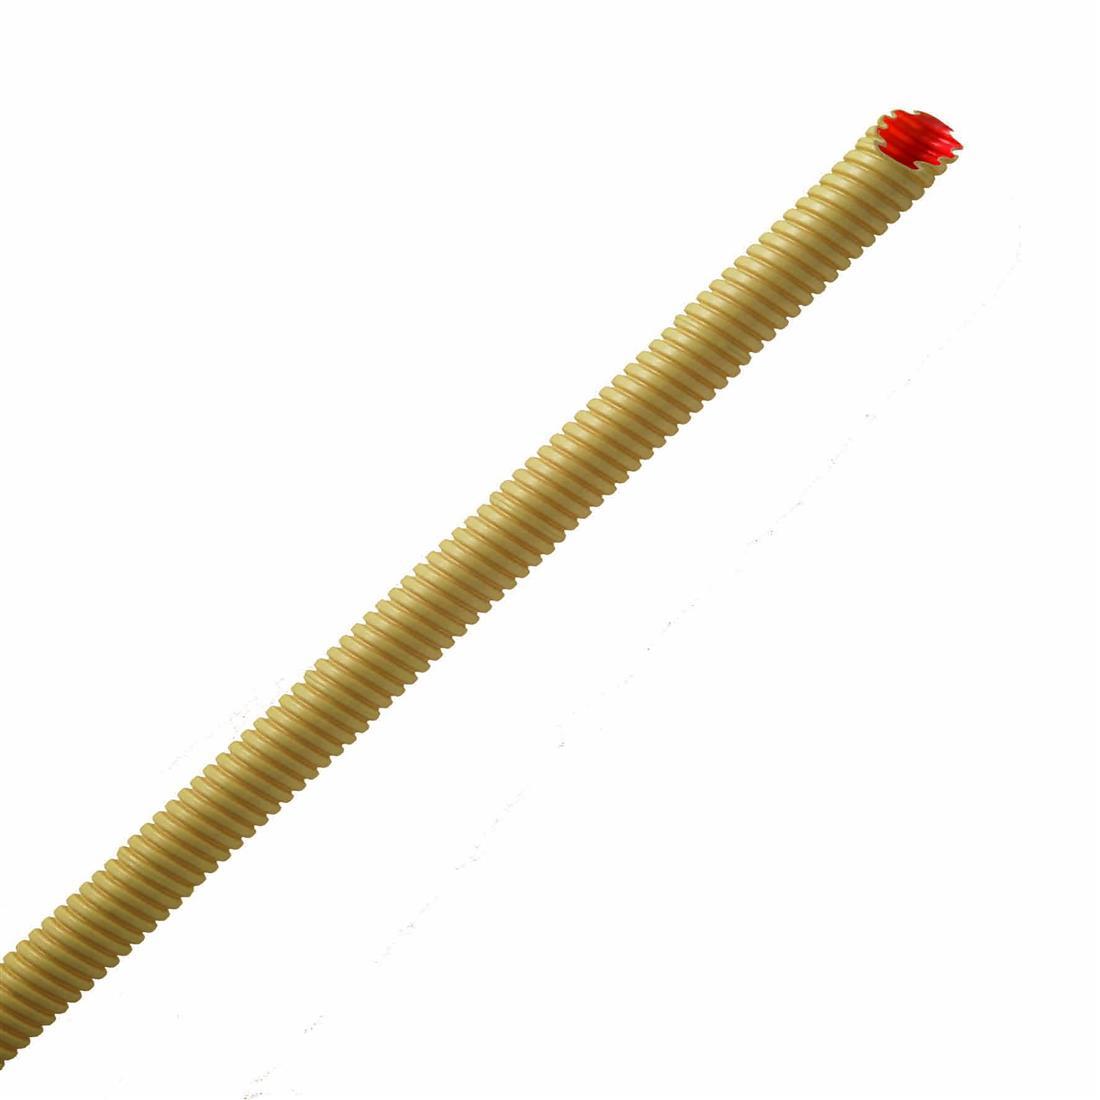 PIPELIFE Flexibele buis met extra gladde binnenlaag 25 mm creme - per rol 50 meter